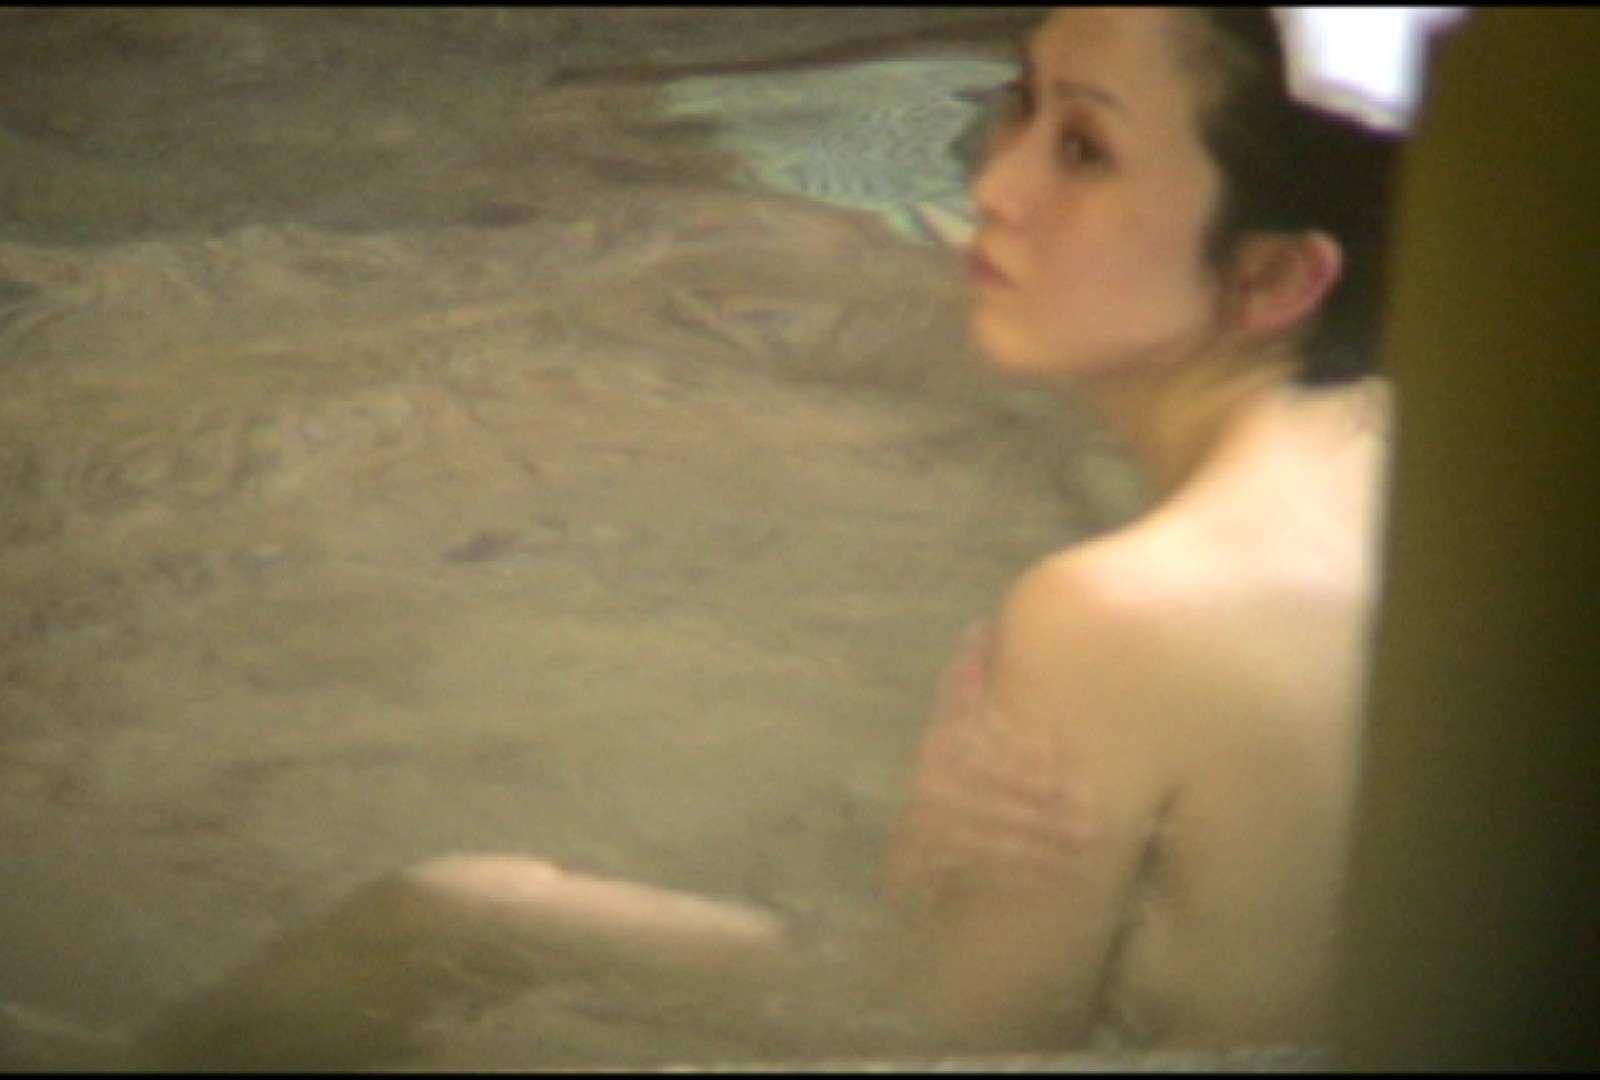 Aquaな露天風呂Vol.699 盗撮シリーズ  93PIX 16